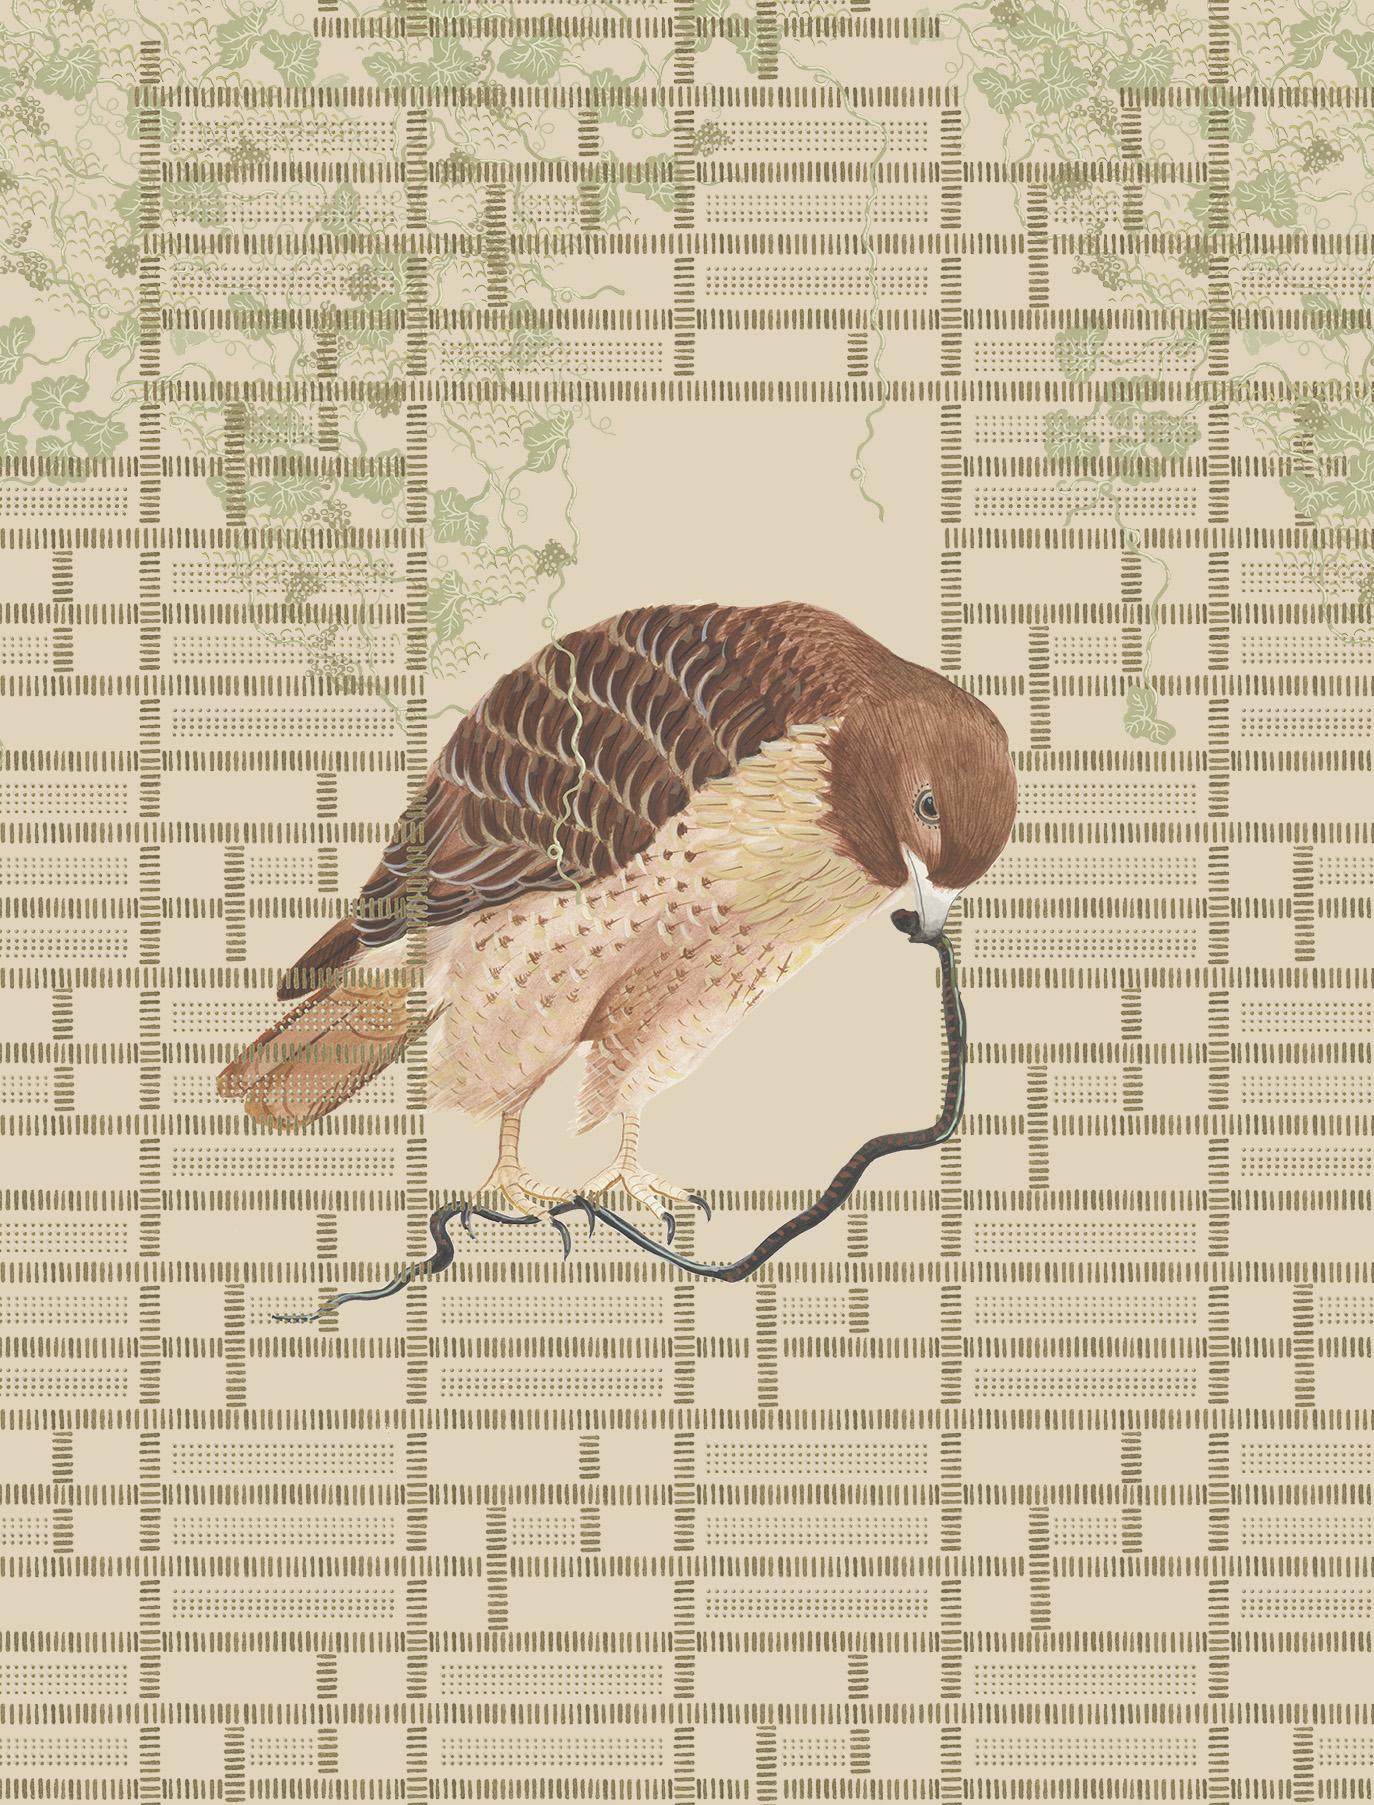 hawk-bigger.jpg